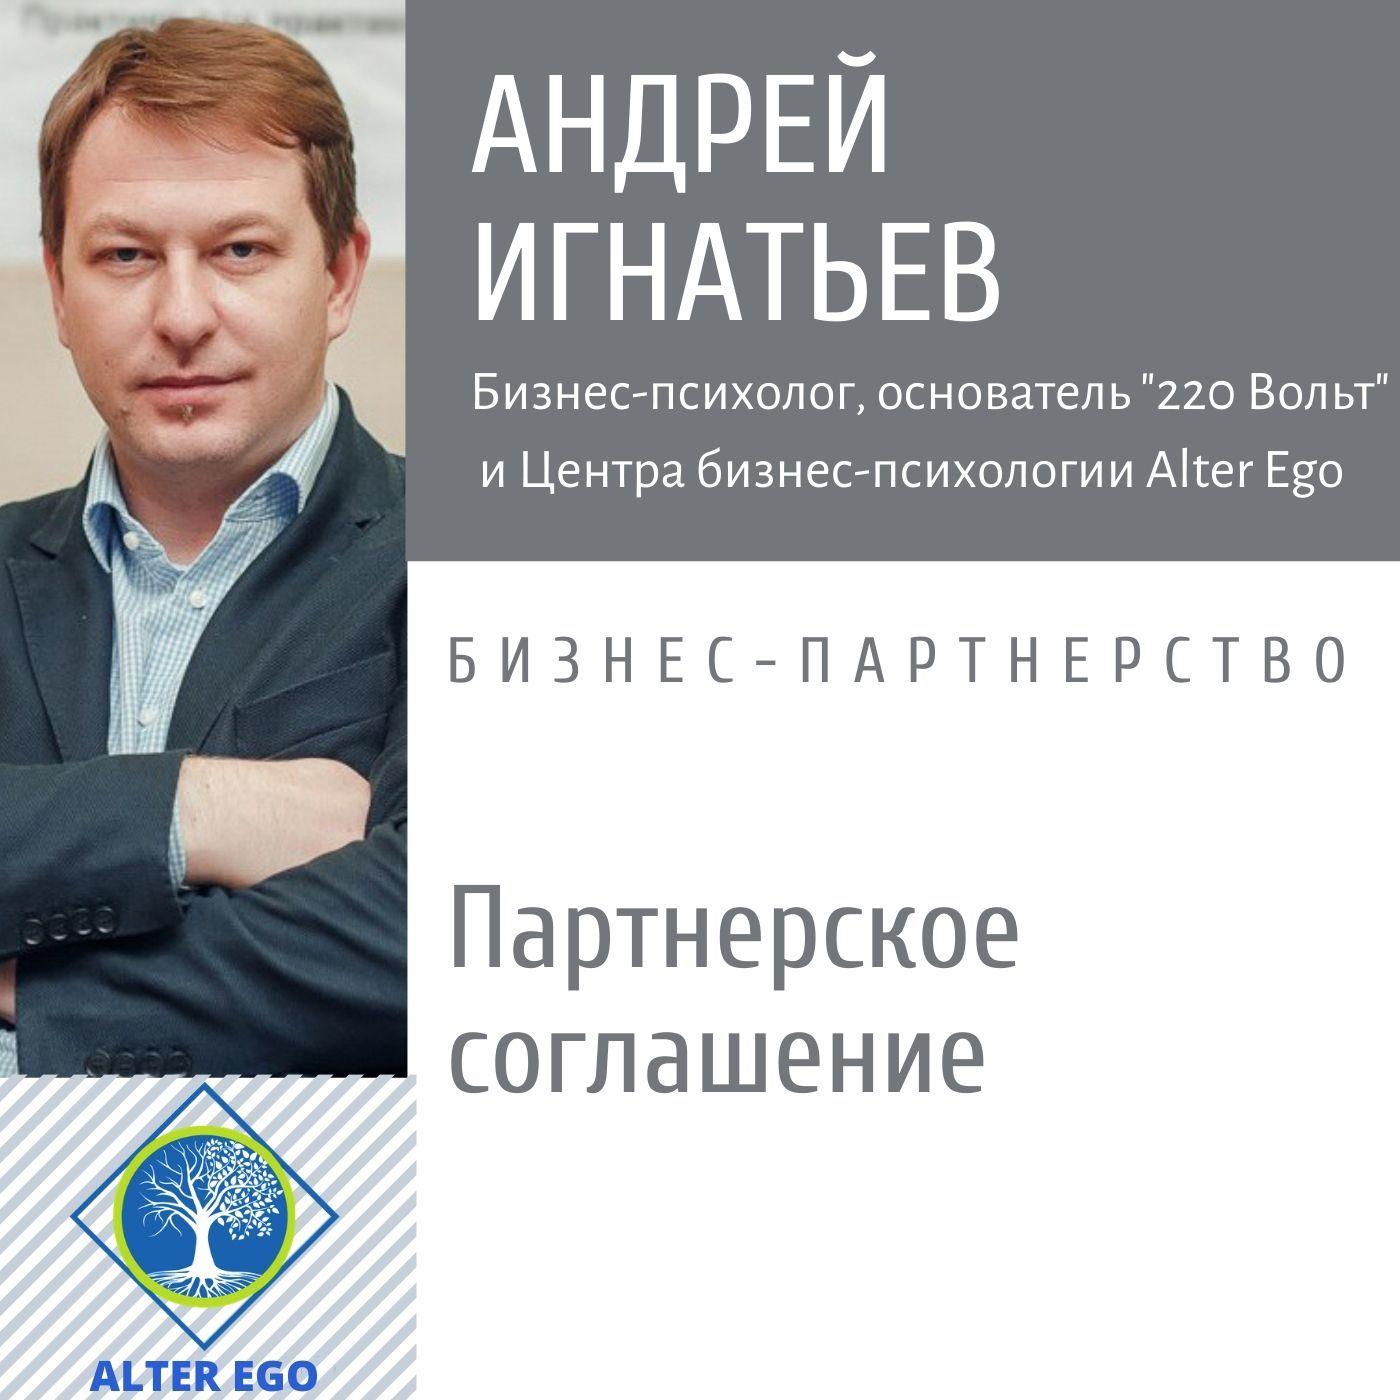 Купить книгу Почему всем бизнес-партнерам нужно Партнерское Соглашение, автора Андрея Игнатьева